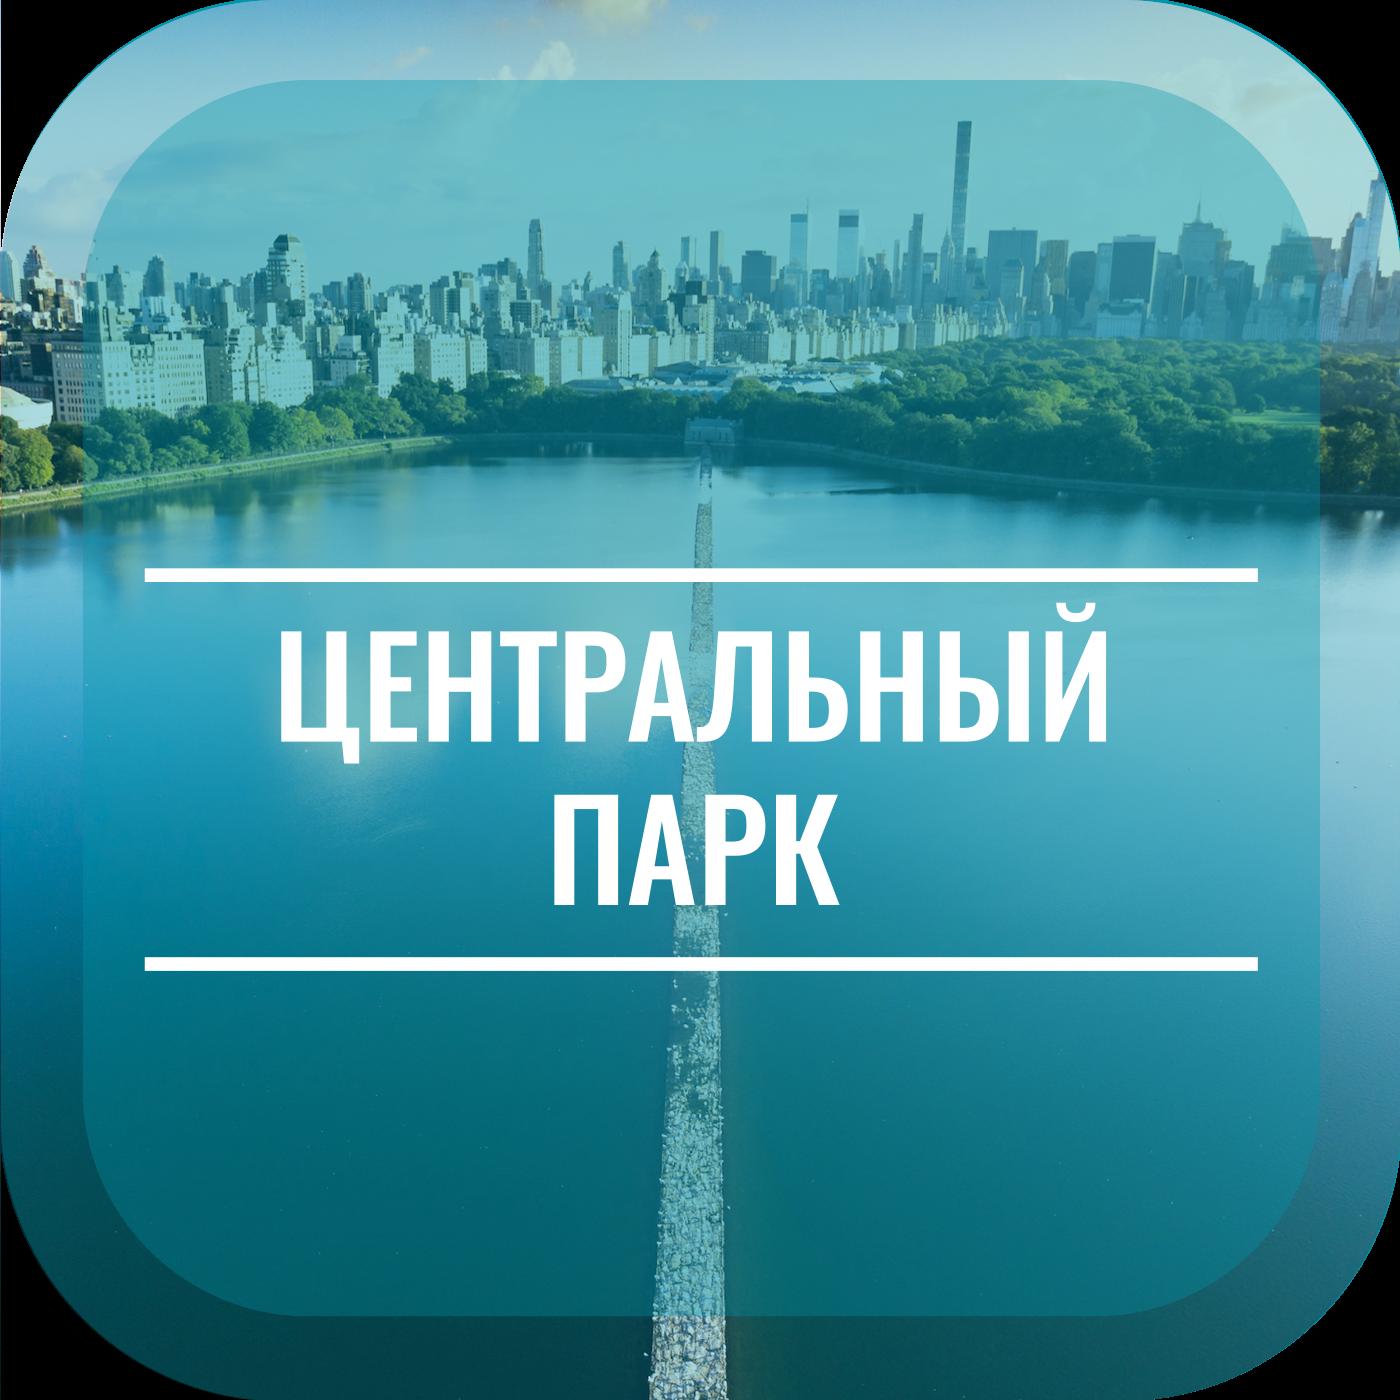 центральный_парк_маршрут_ньюйоркгид.png